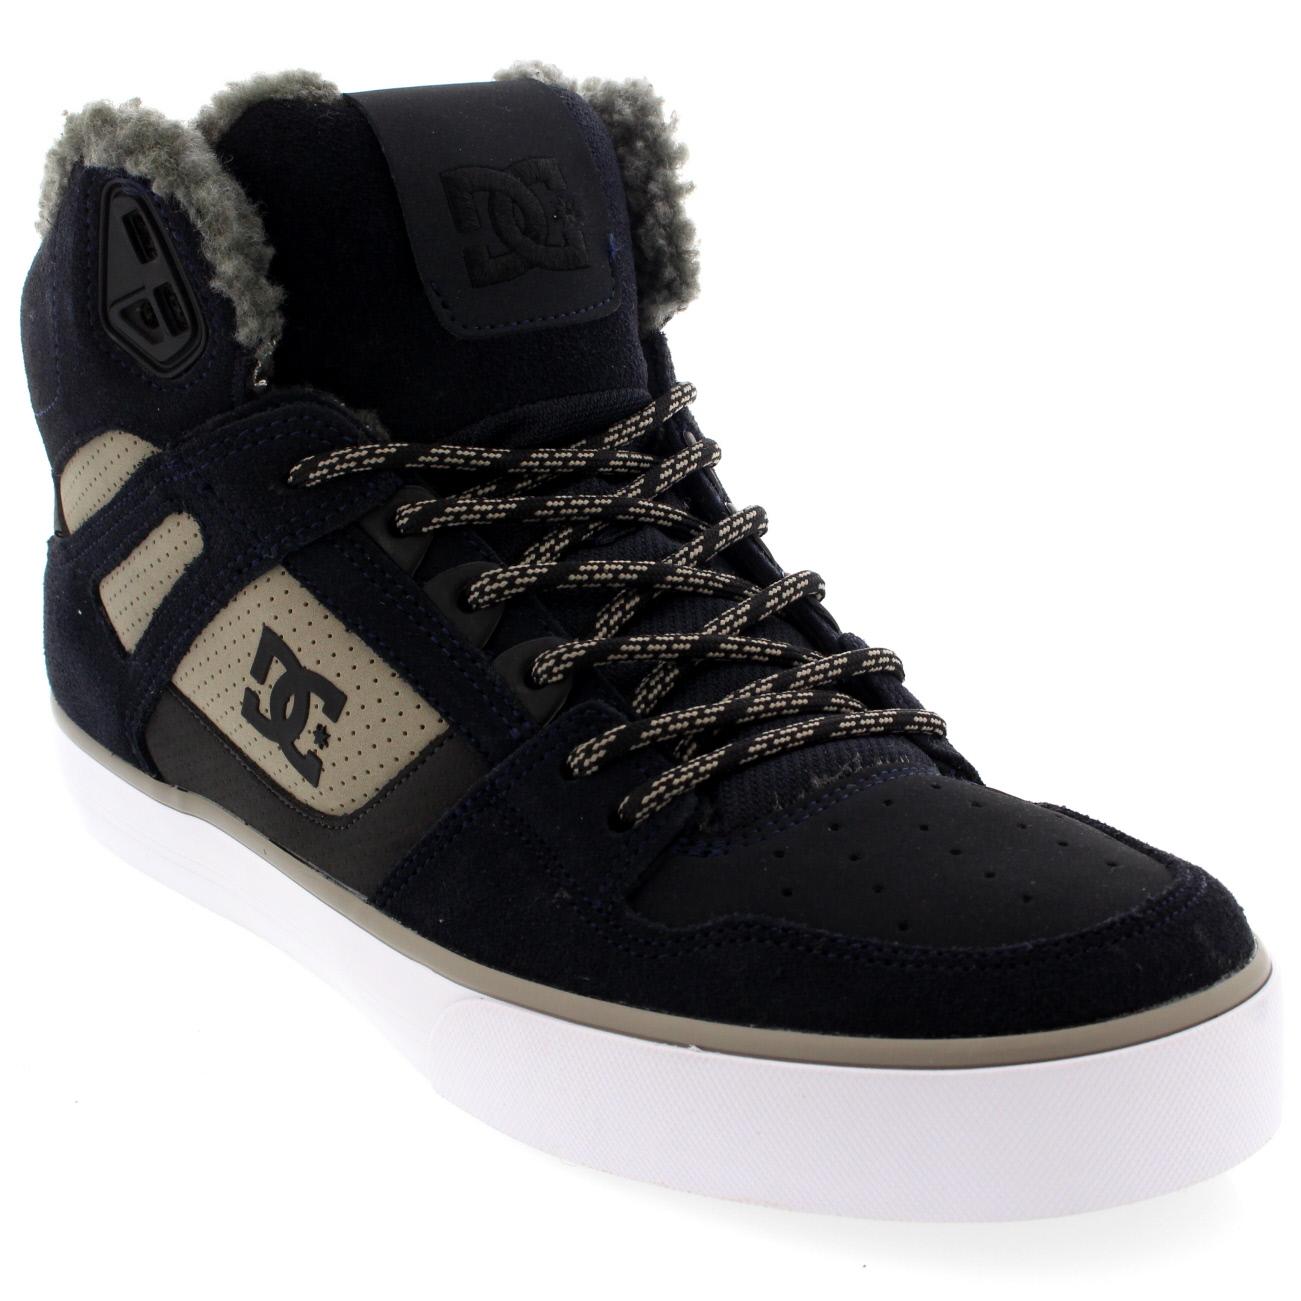 DC Shoes Spartan High